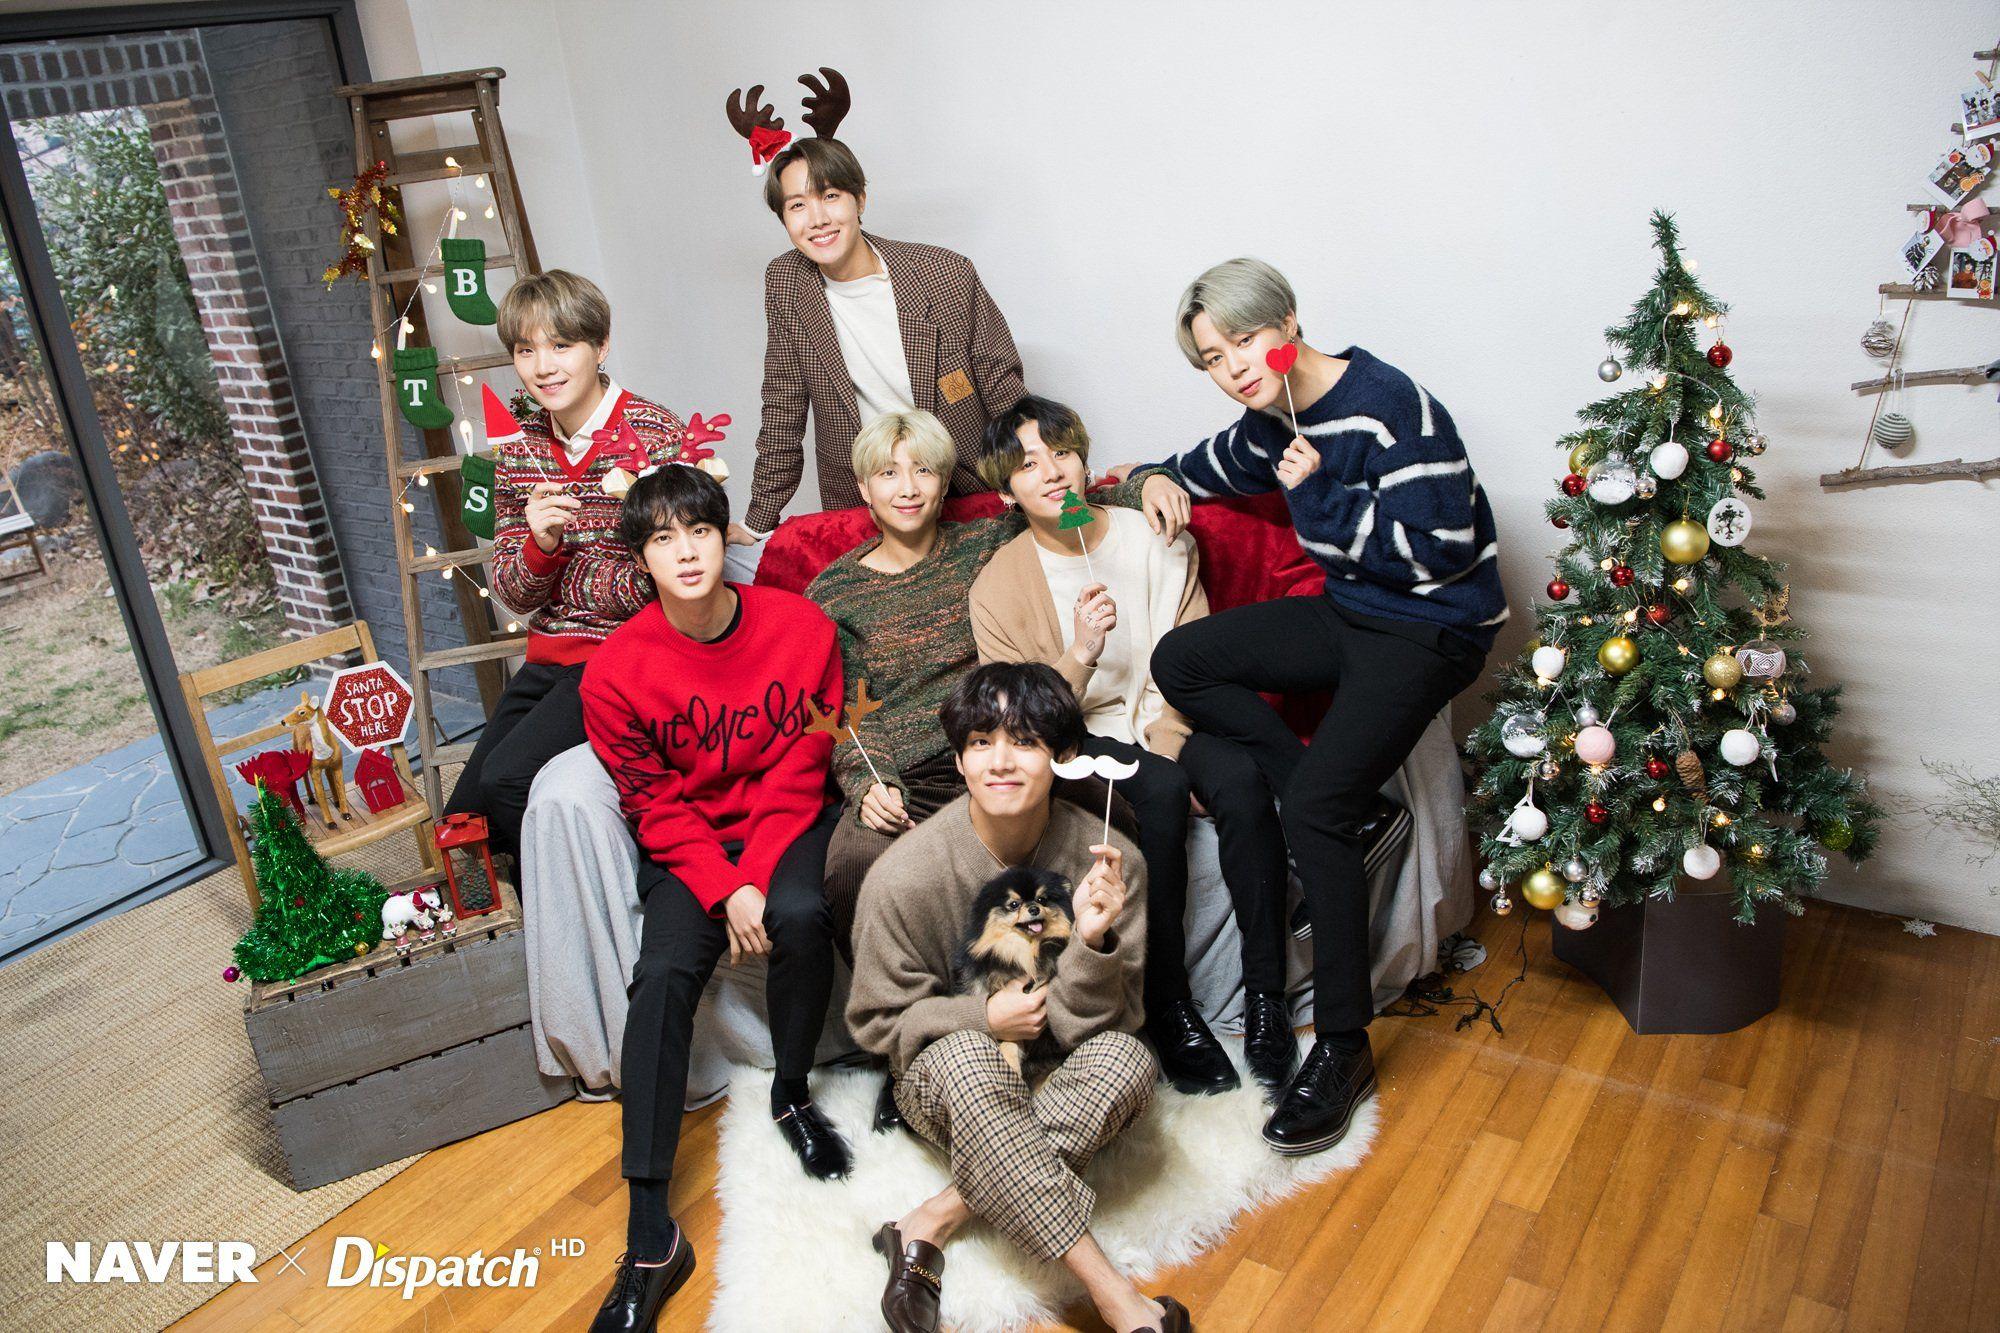 Bts Christmas 2020 BTS SQUAD ⁷ 💙 on di 2020 | Christmas carol, Daejeon, Bts